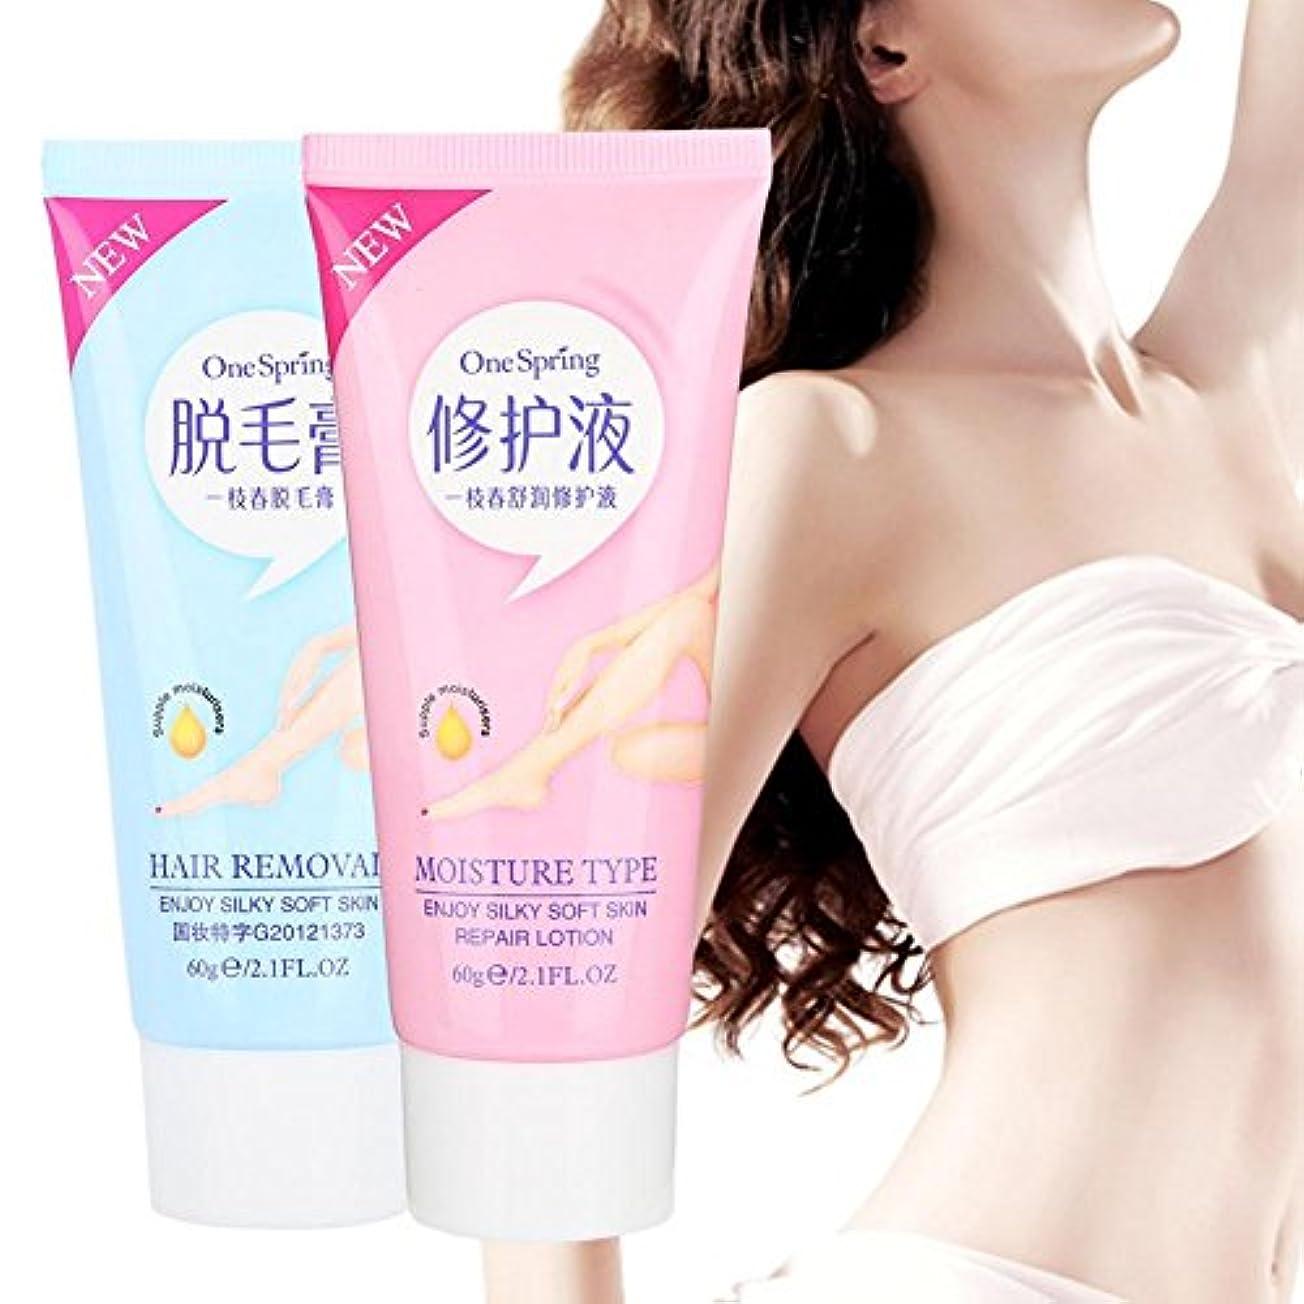 提供するアプライアンス緯度Semme脱毛クリーム、脇の下のビキニに使用されるすべての肌タイプのための脱毛クリーム、胸、背中、男性と女性のための脚(現在の修復解決策とヘラ)(01)